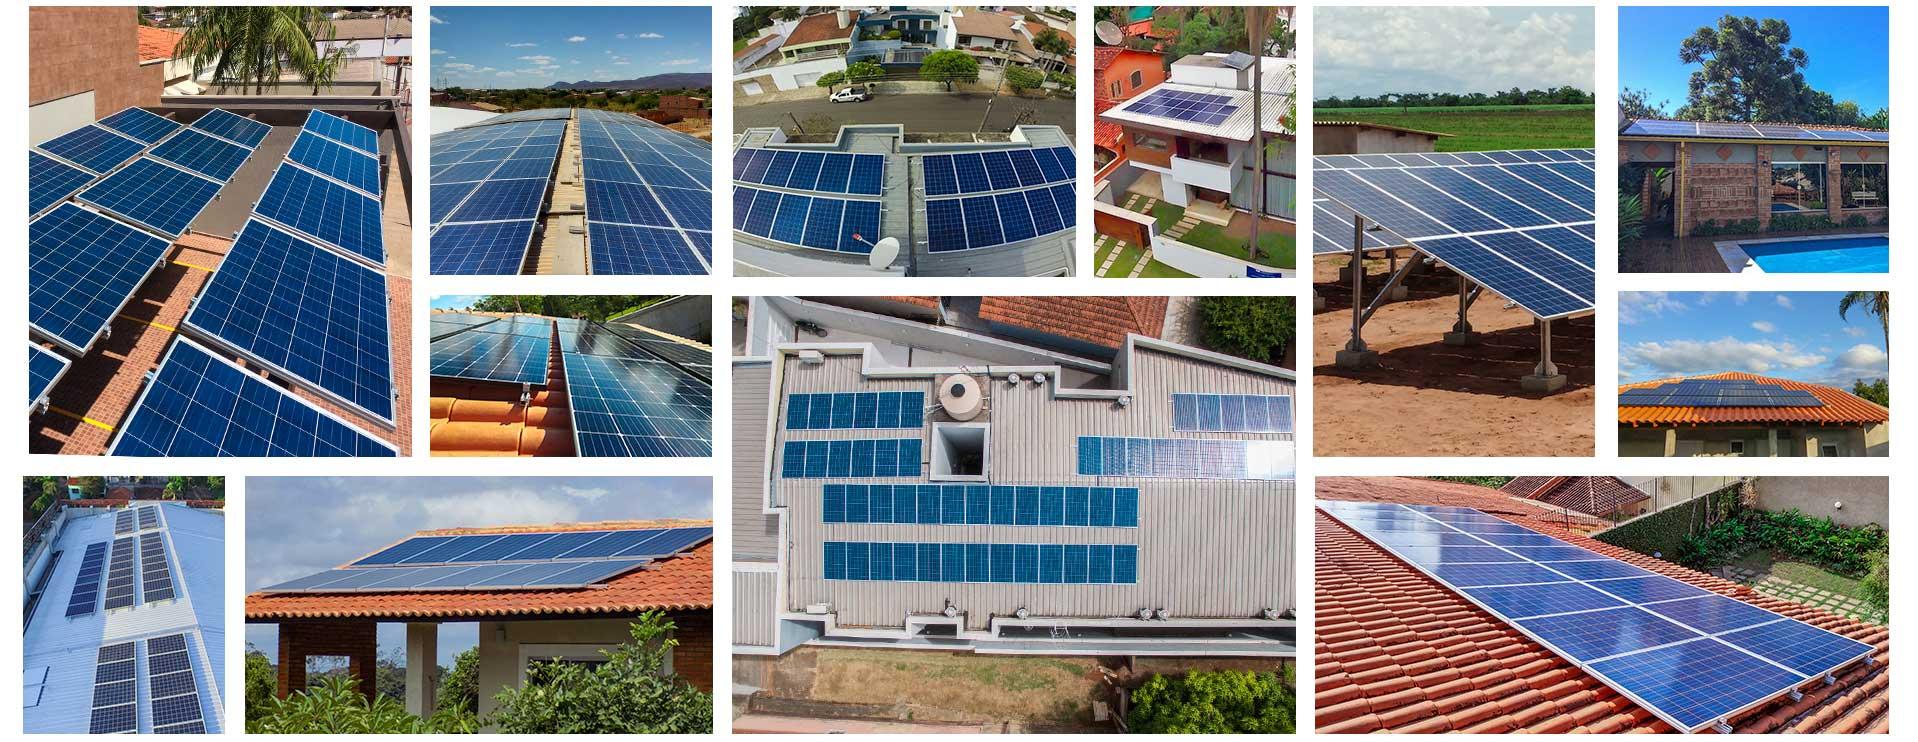 Blue Sol - Projetos de Nossos Parceiros e Alunos